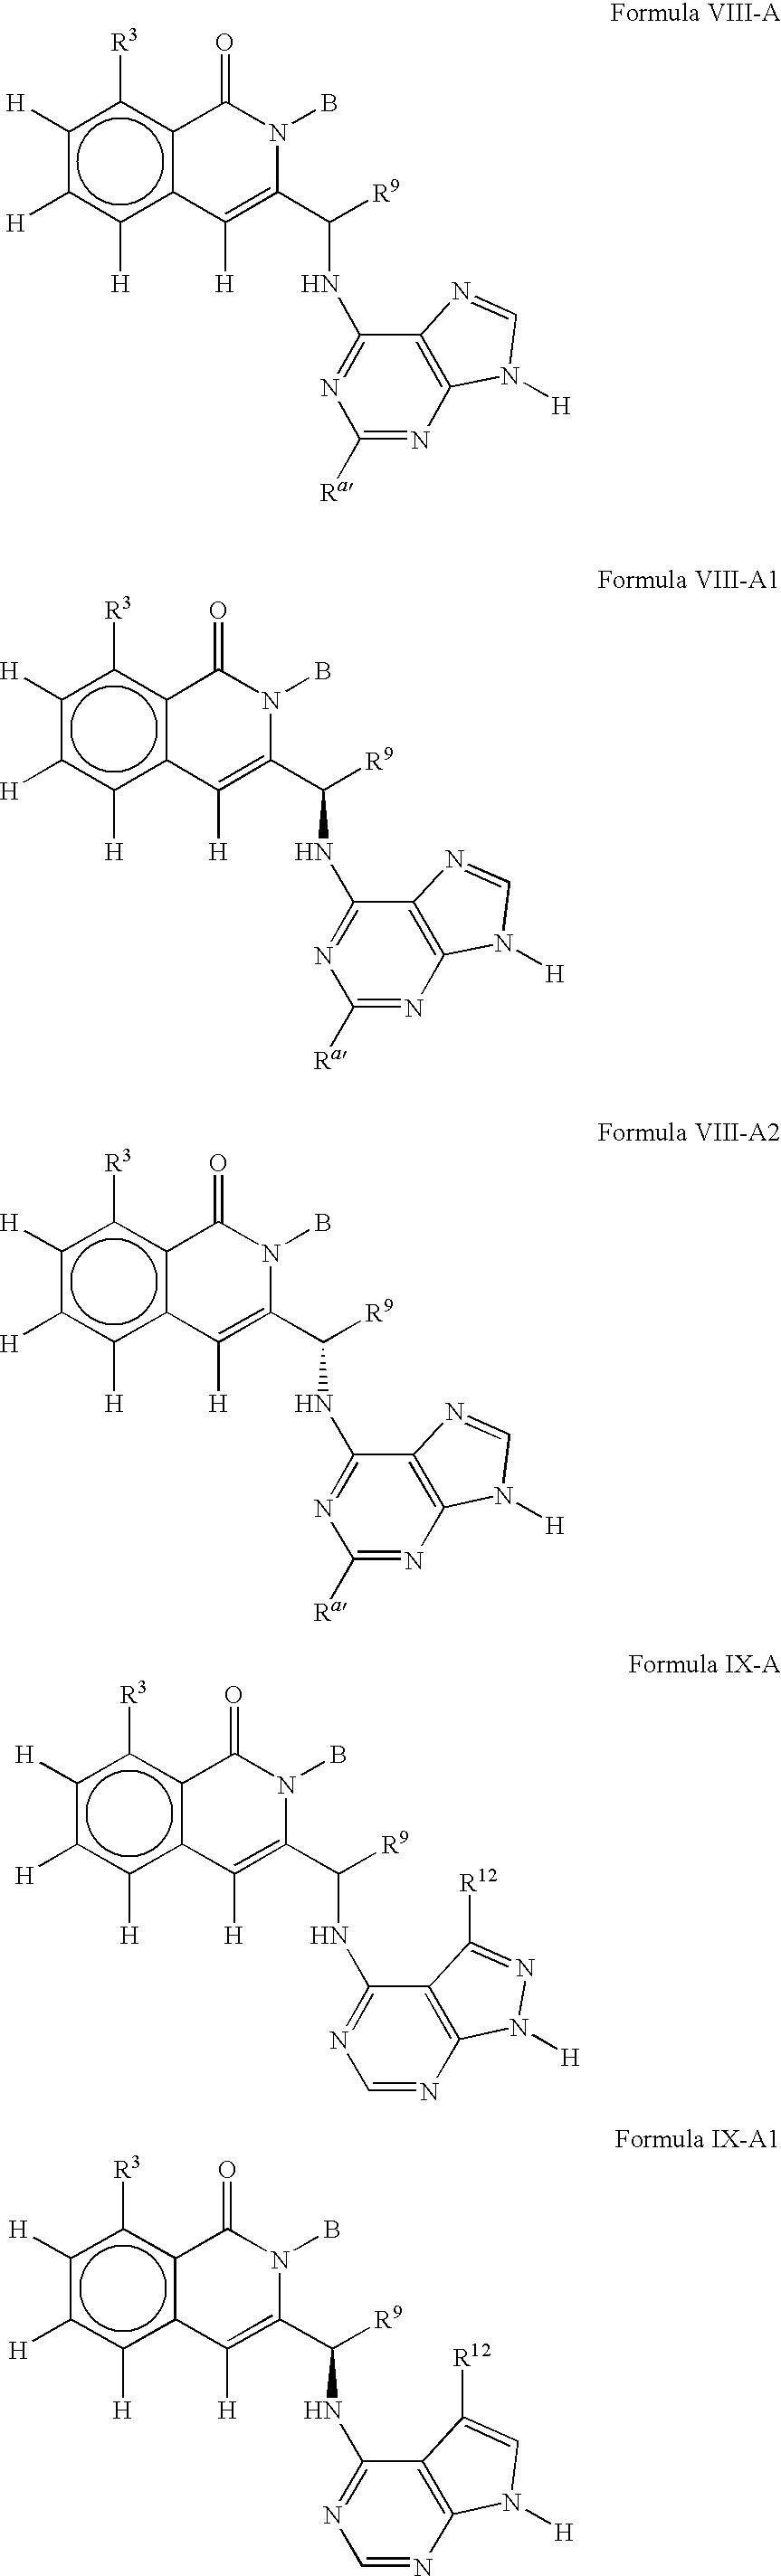 Figure US20090312319A1-20091217-C00059